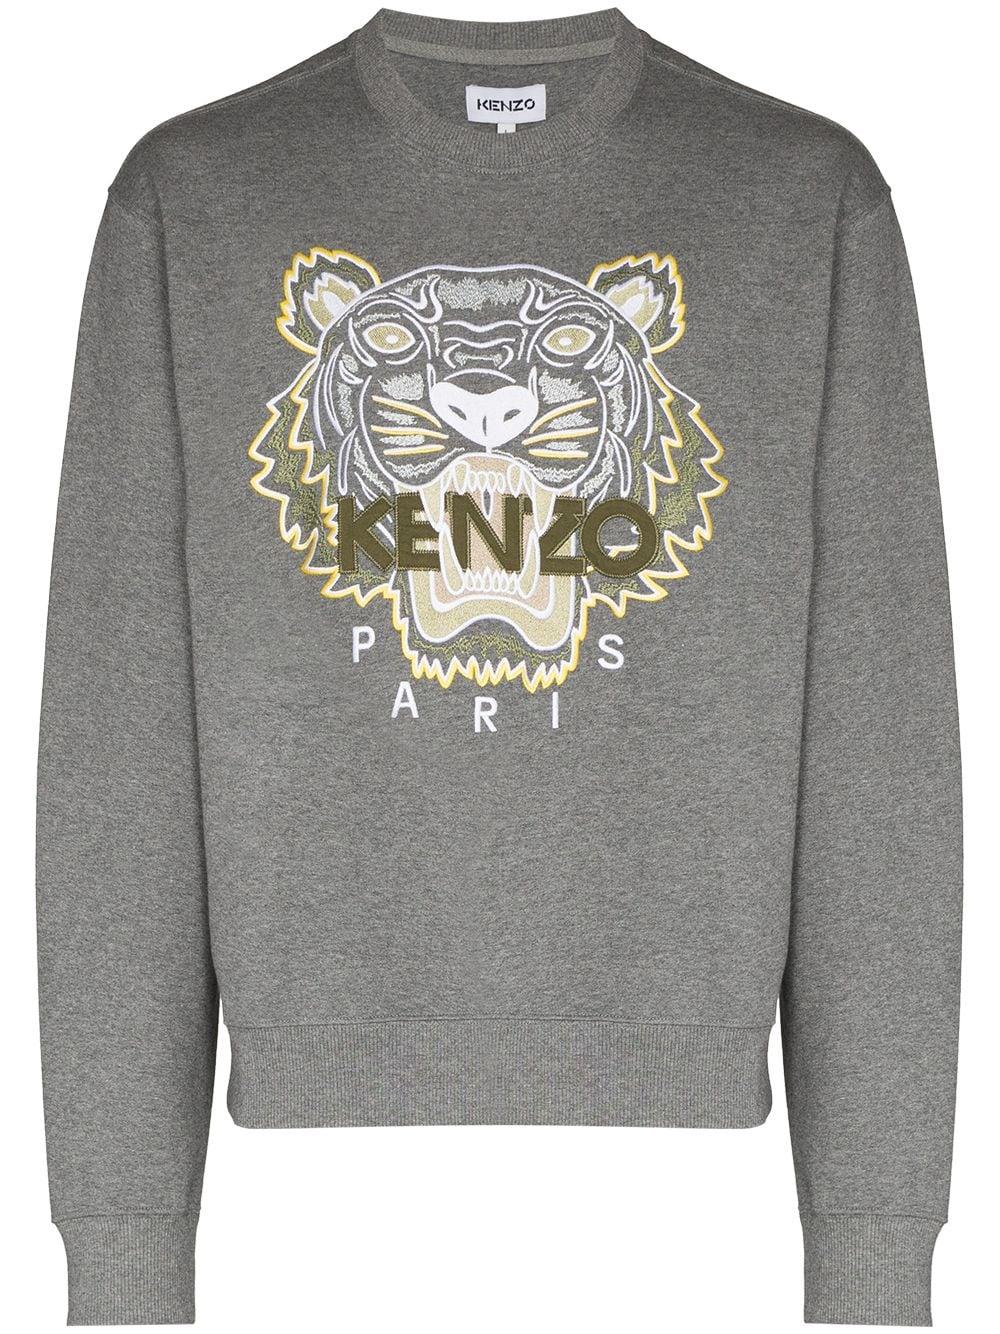 Kenzo Sweatshirt mit Tiger-Logo - Grau